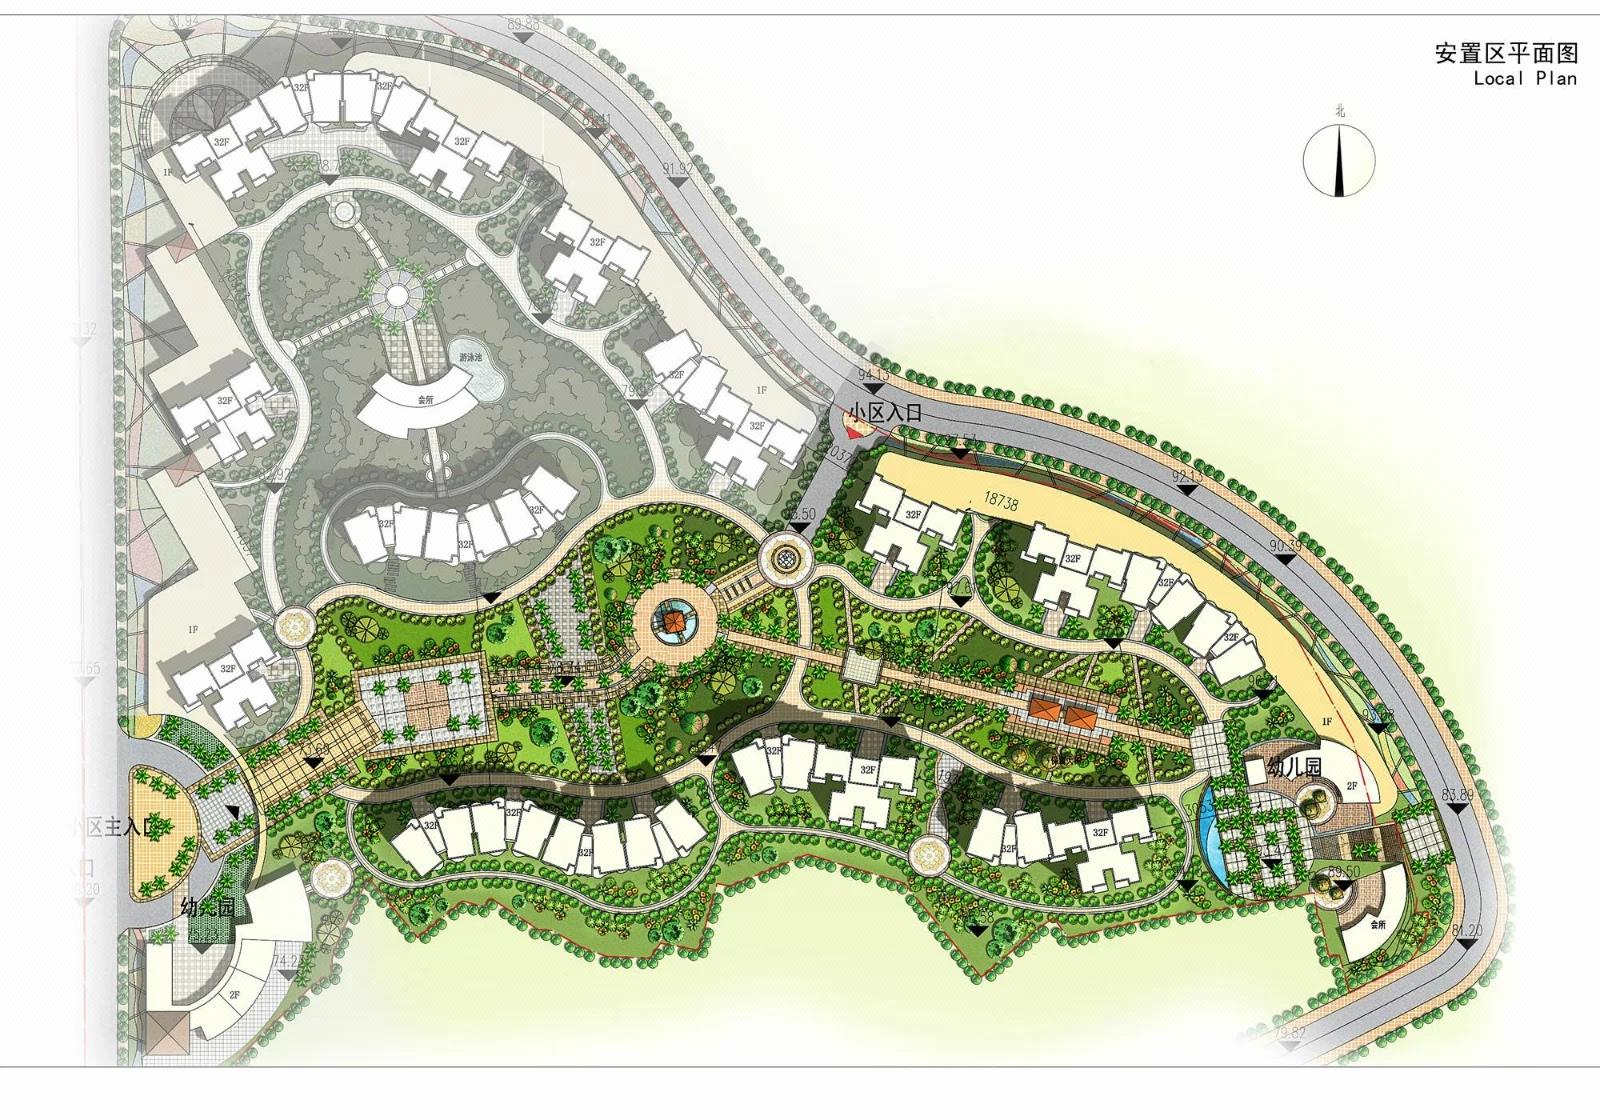 住宅小区规划设计,特色小镇民宿规划设计,规划设计彩平图效果图